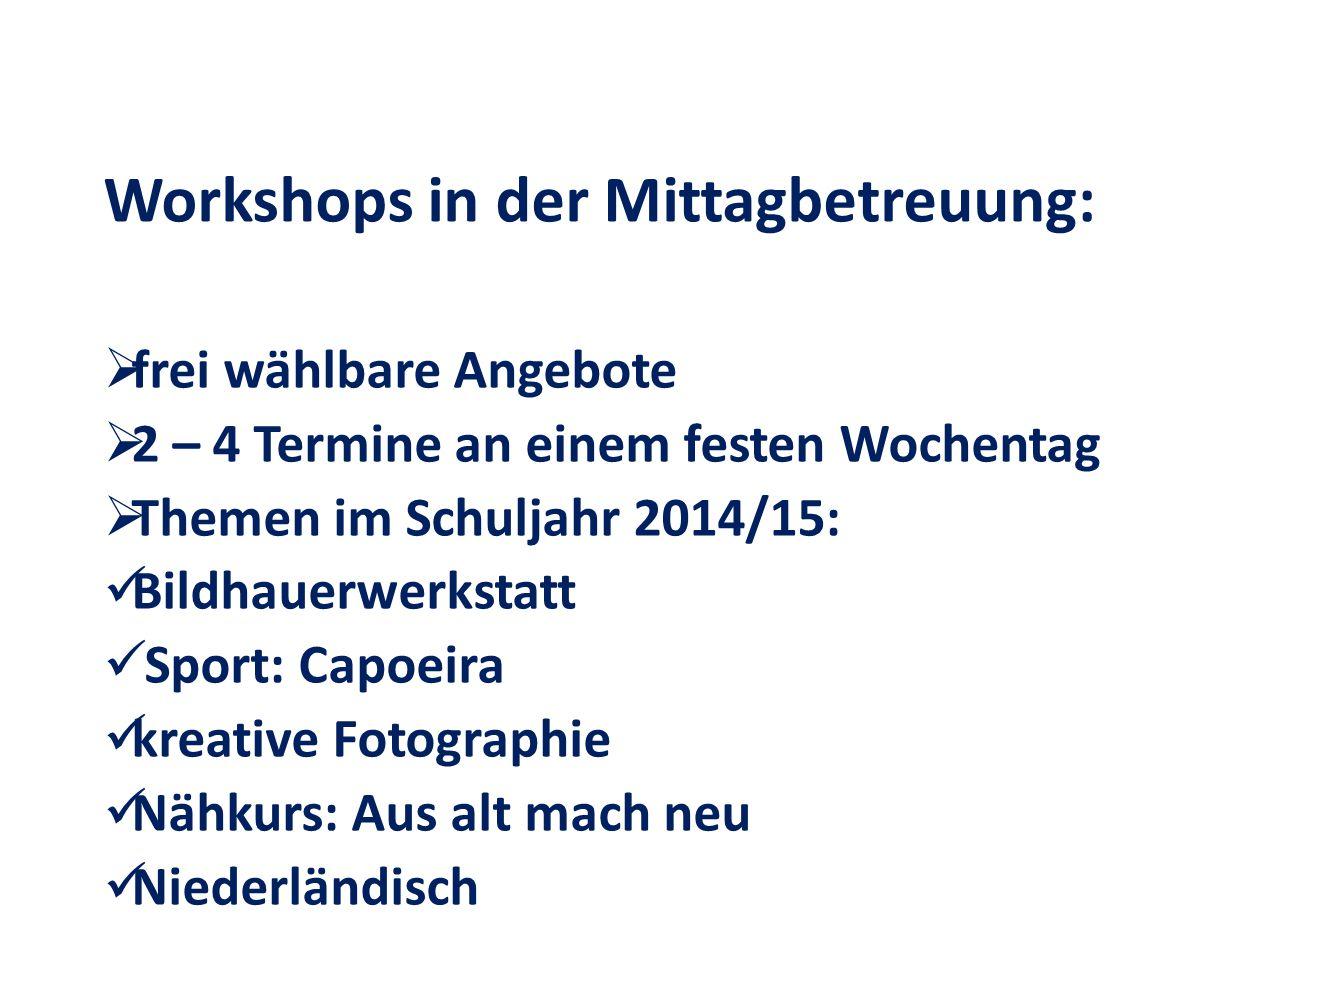 Workshops in der Mittagbetreuung:  frei wählbare Angebote  2 – 4 Termine an einem festen Wochentag  Themen im Schuljahr 2014/15: Bildhauerwerkstatt Sport: Capoeira kreative Fotographie Nähkurs: Aus alt mach neu Niederländisch